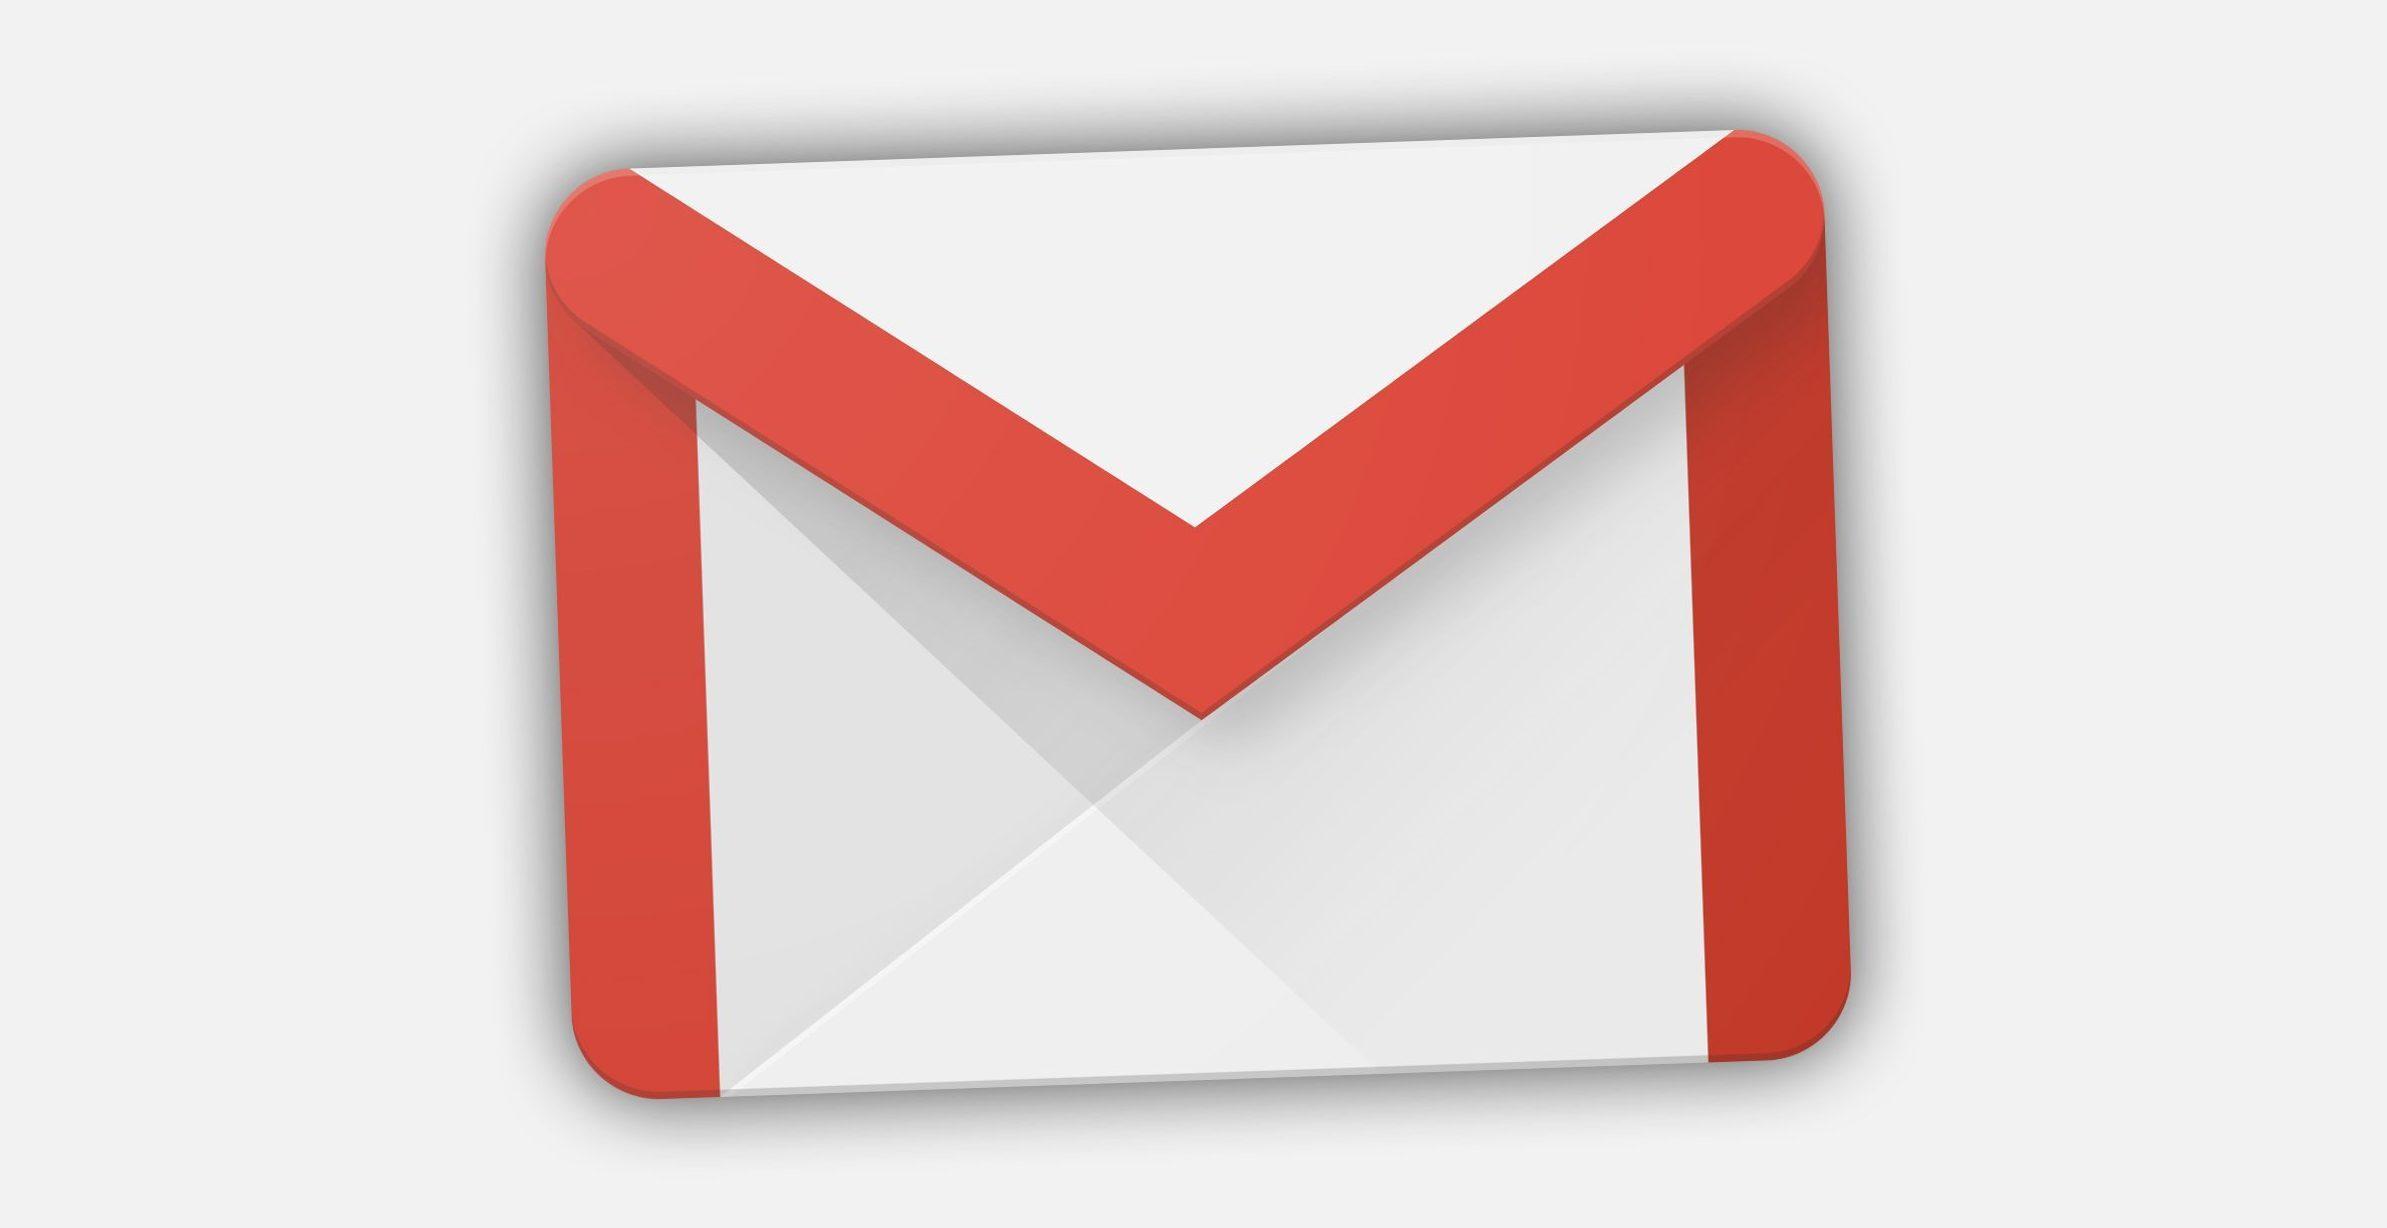 Gmail .Com